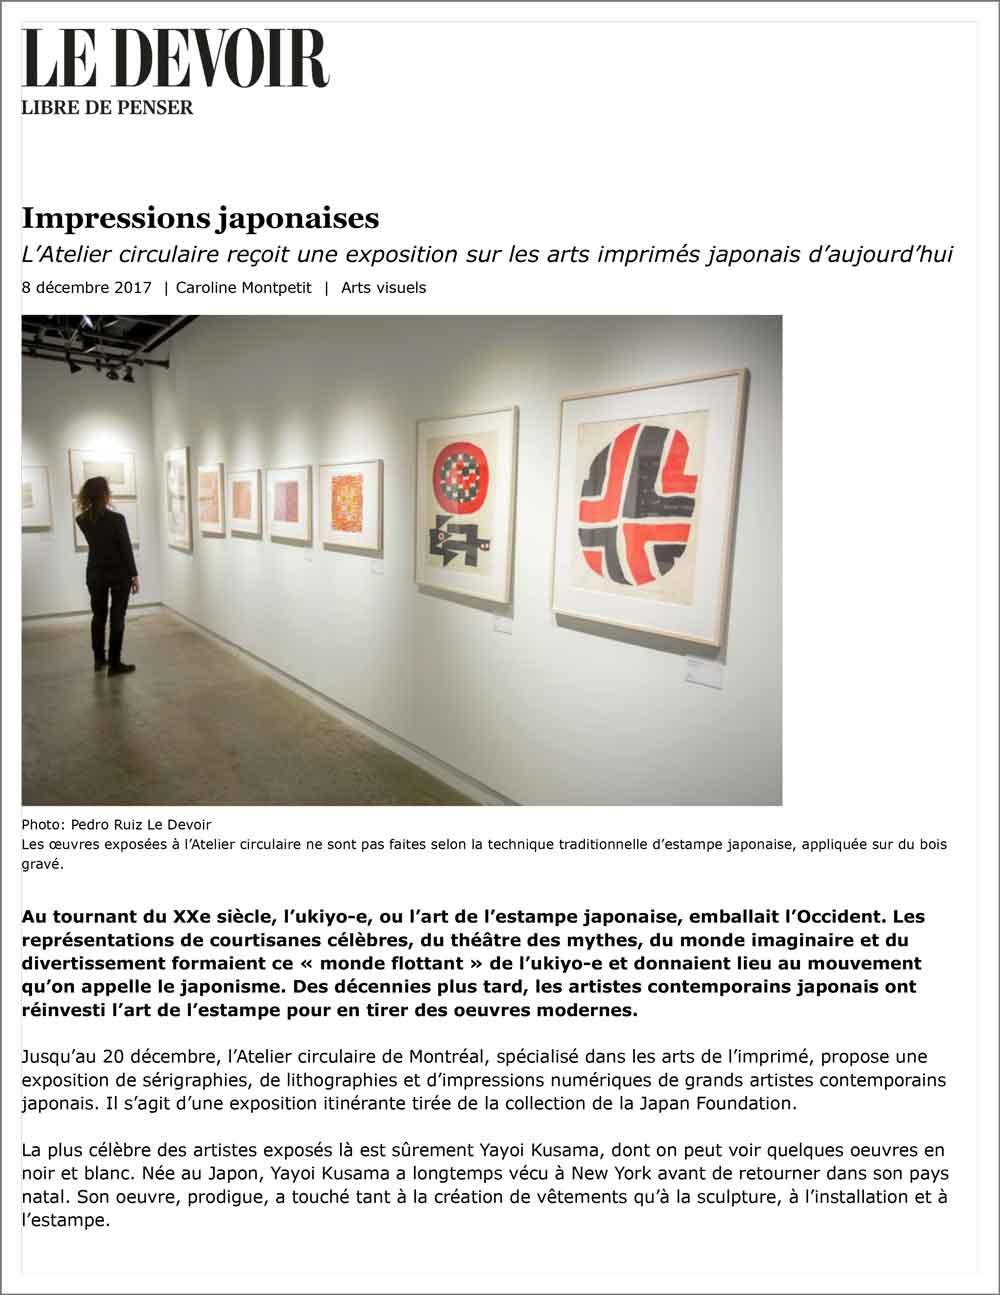 2017-12-08_Impressions-japonaises-_-Le-Devoir-clean-1.jpg